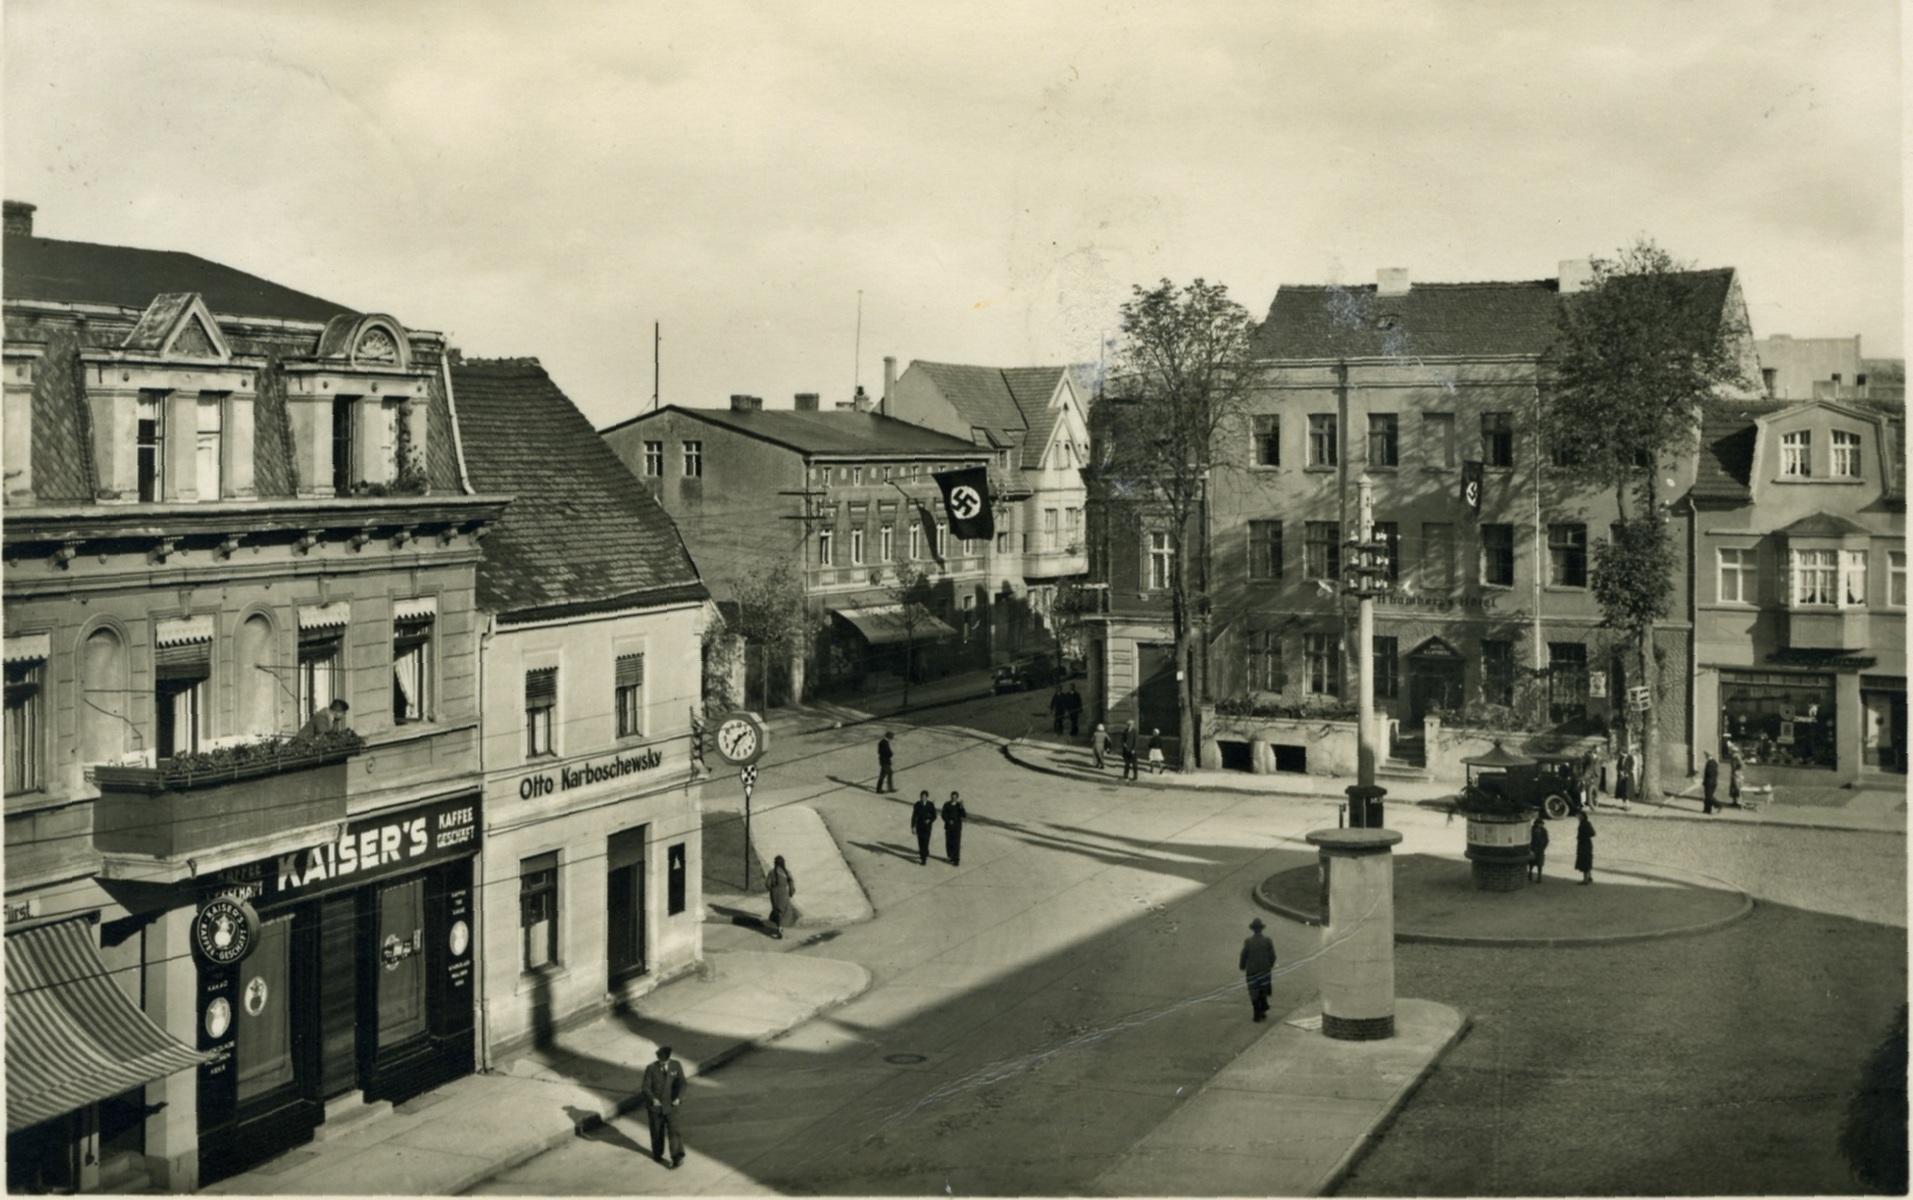 """Plac Ignacego Paderewskiego w 1940. Synagogę złotowską spotkał bardzo nietypowy los, a mianowicie została ona sprzedana przez gminę żydowską i zburzona przed """"Nocą Kryształową"""", która miała miejsce z 9 na 10 listopada 1938 r. Ten fakt wyróżnia ją na tle innych synagog europejskich, a zwłaszcza niemieckich."""